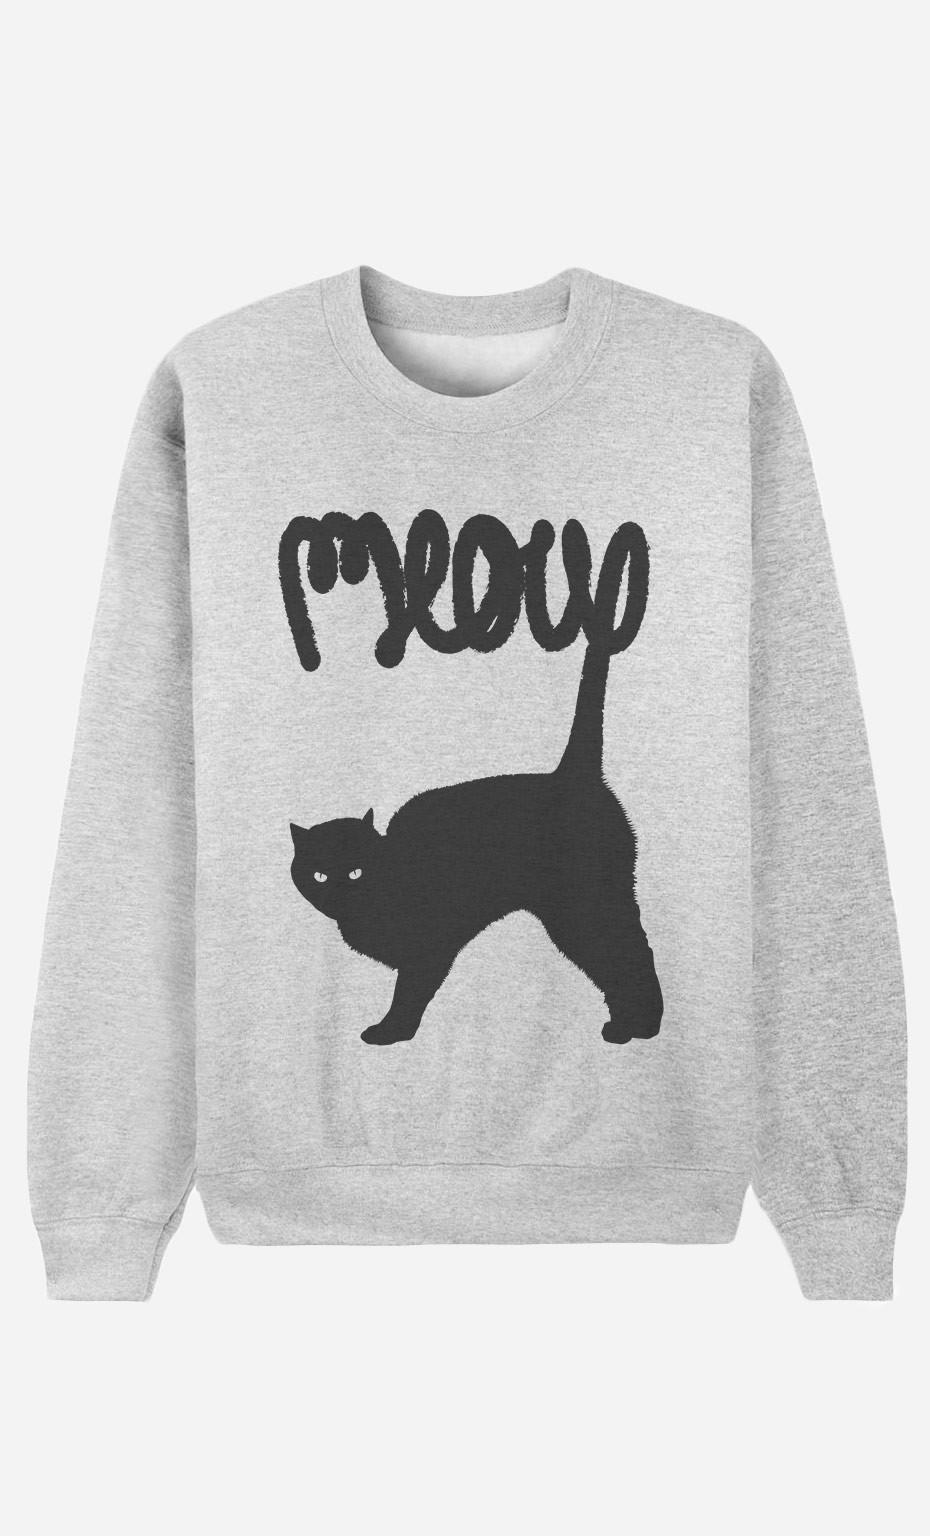 Sweatshirt Meow